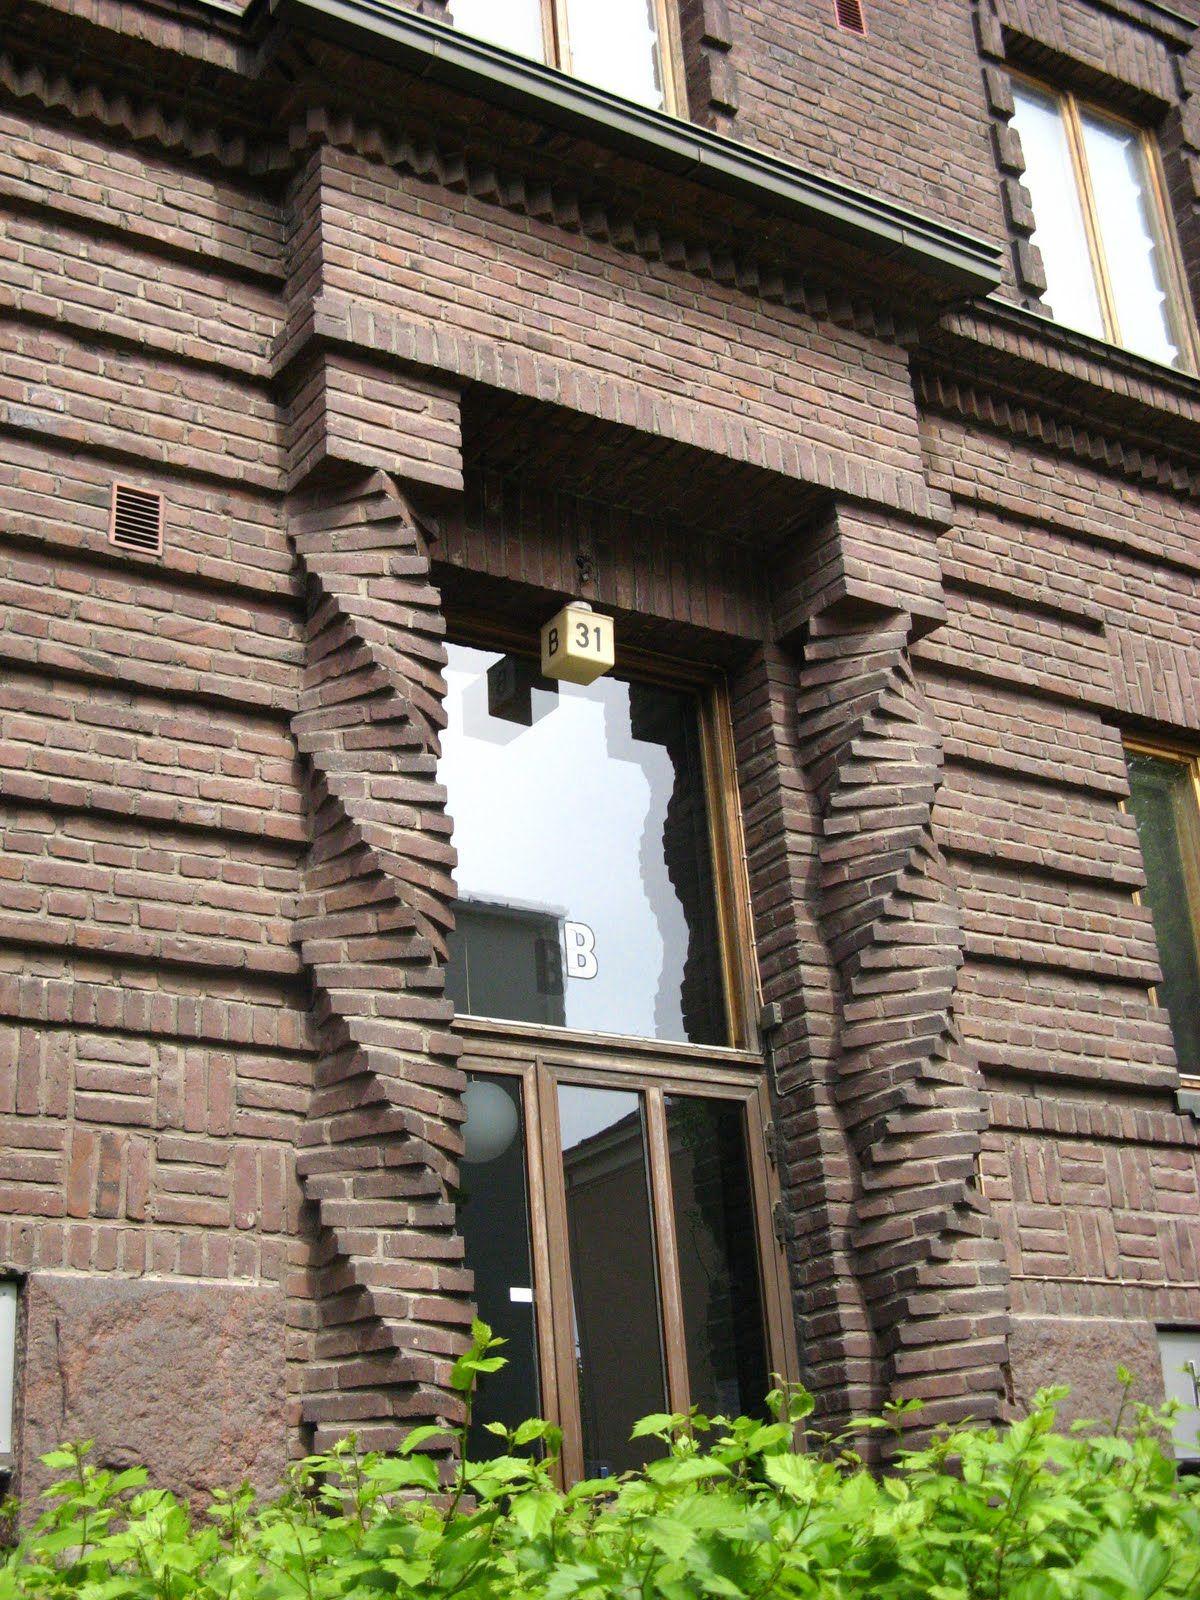 Neat brickwork. Spiral /twisted columns.